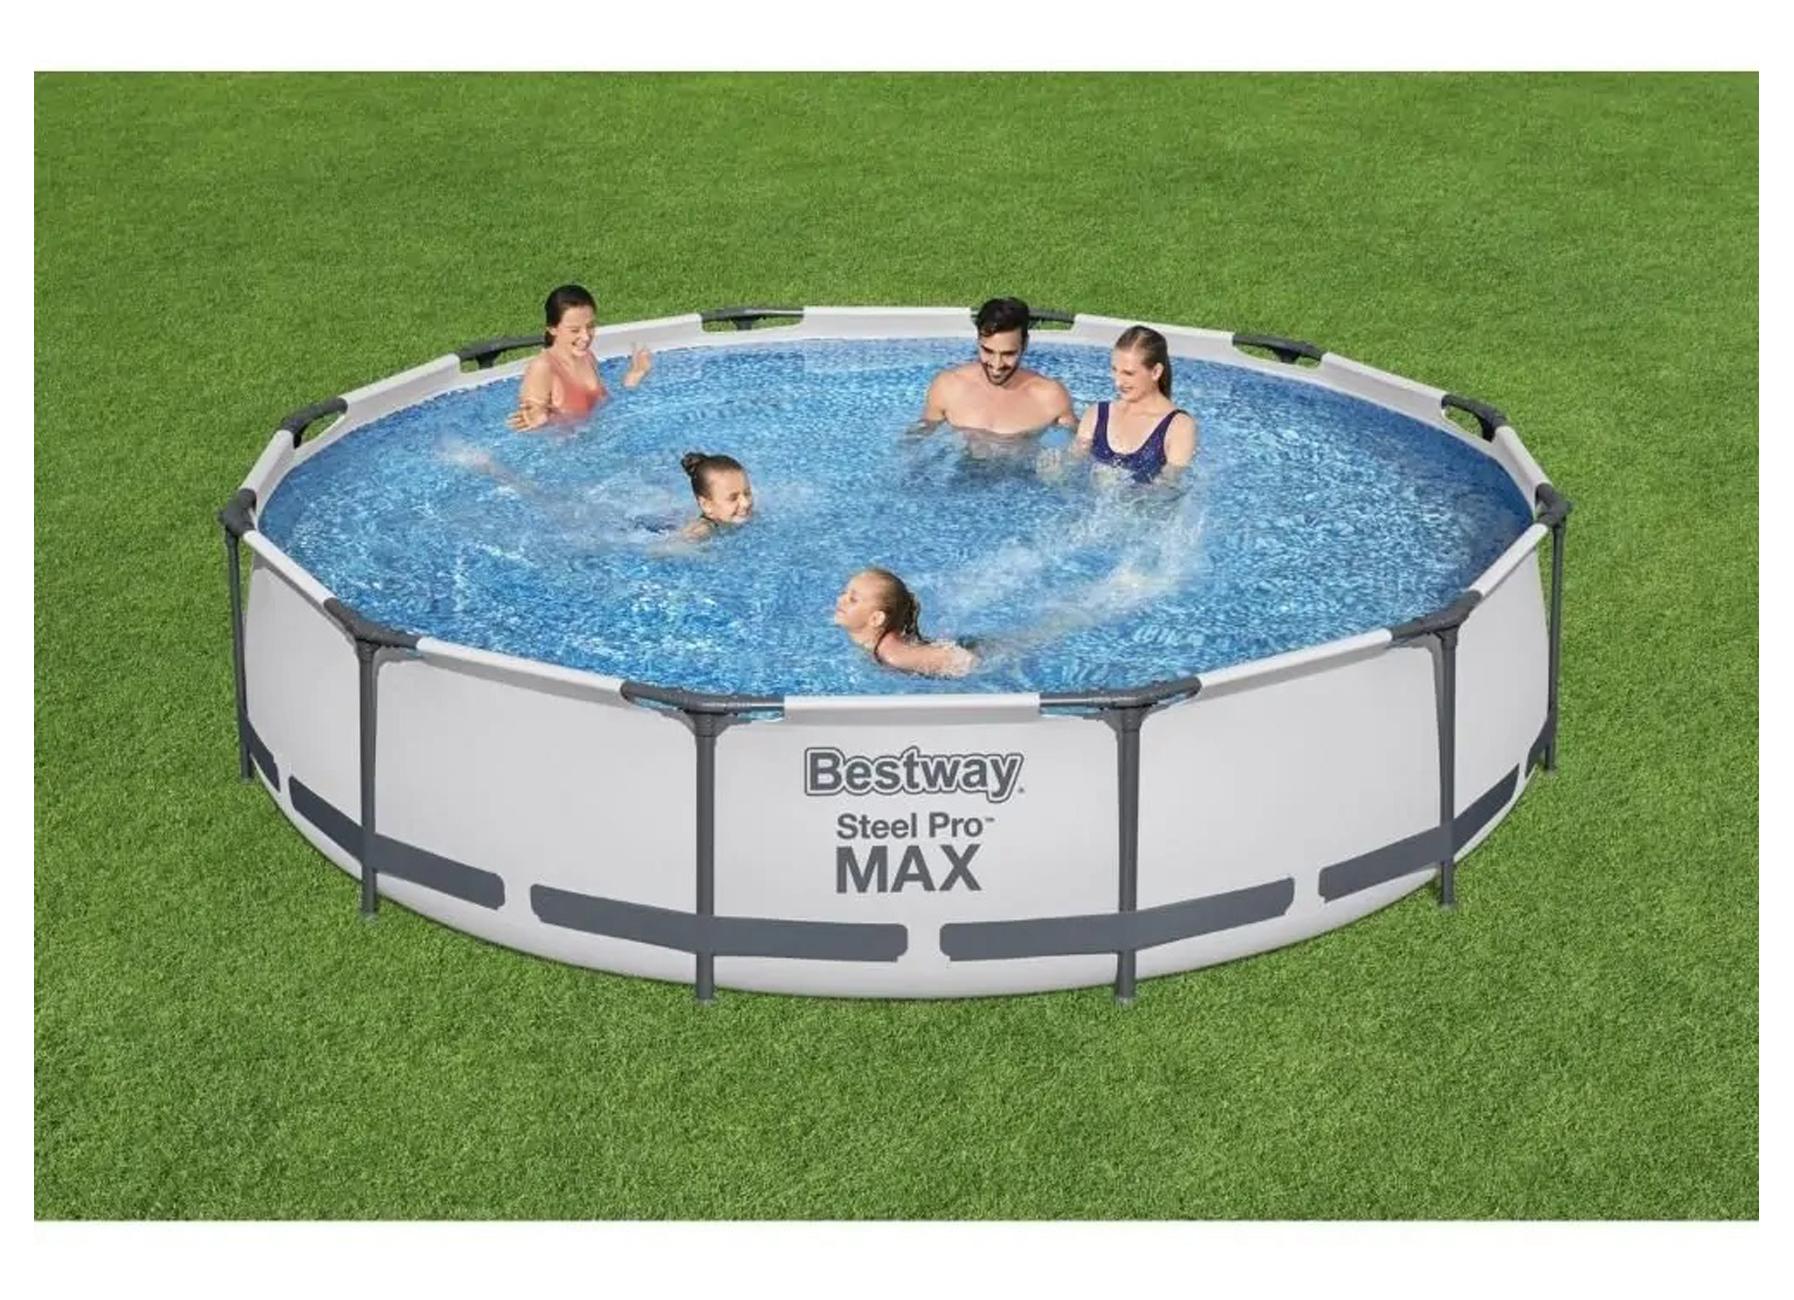 Accessoire de piscine latest accessoires et matriel de for Accessoire pour piscine bestway